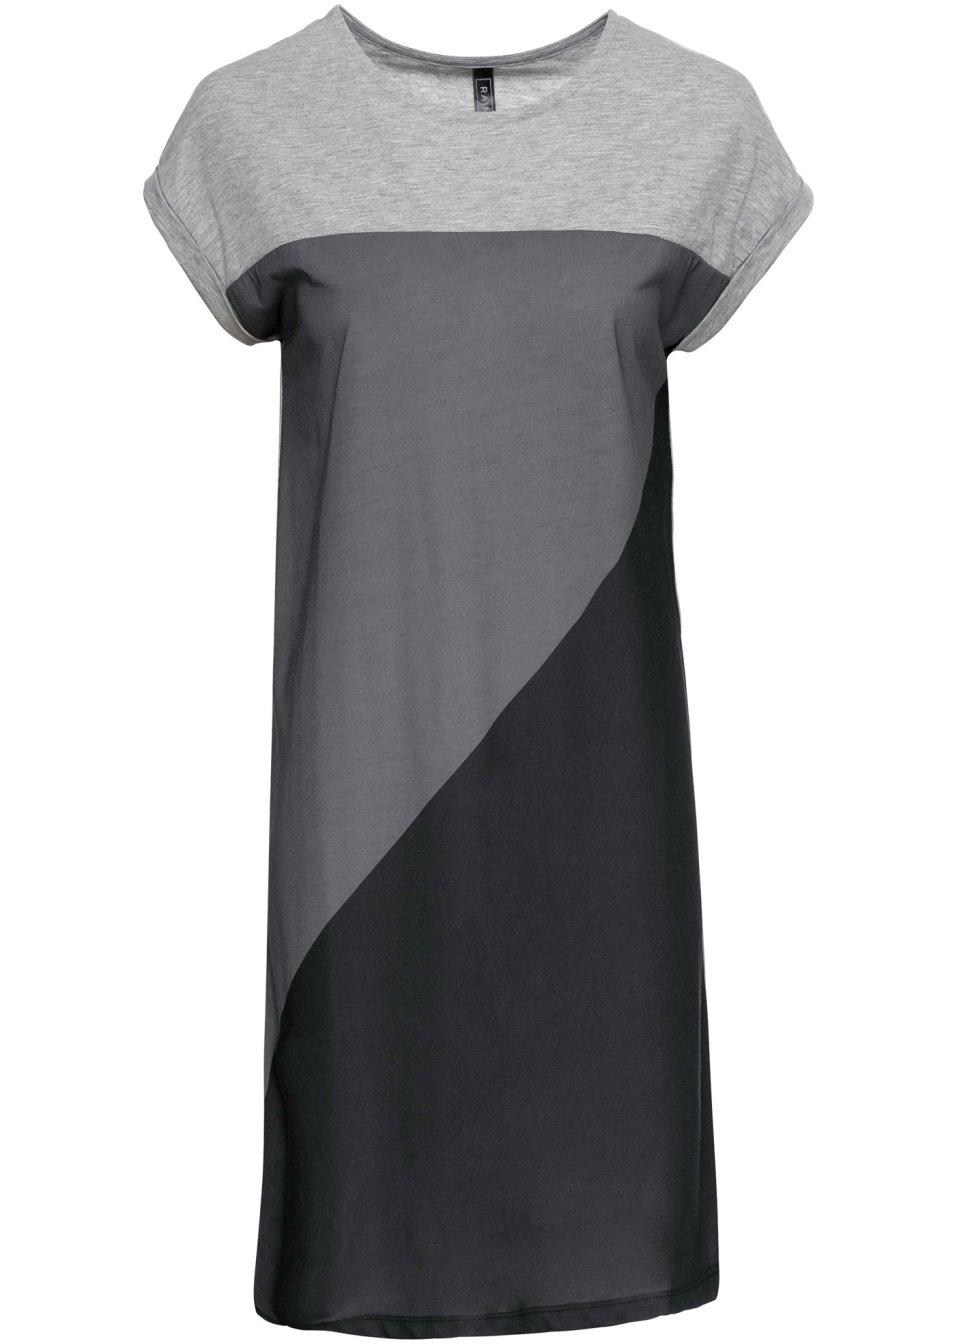 Lässiges Kleid mit Color-Blocking-Effekt - hellgrau meliert/grau meliert/schwarz rjVOD FrWvS